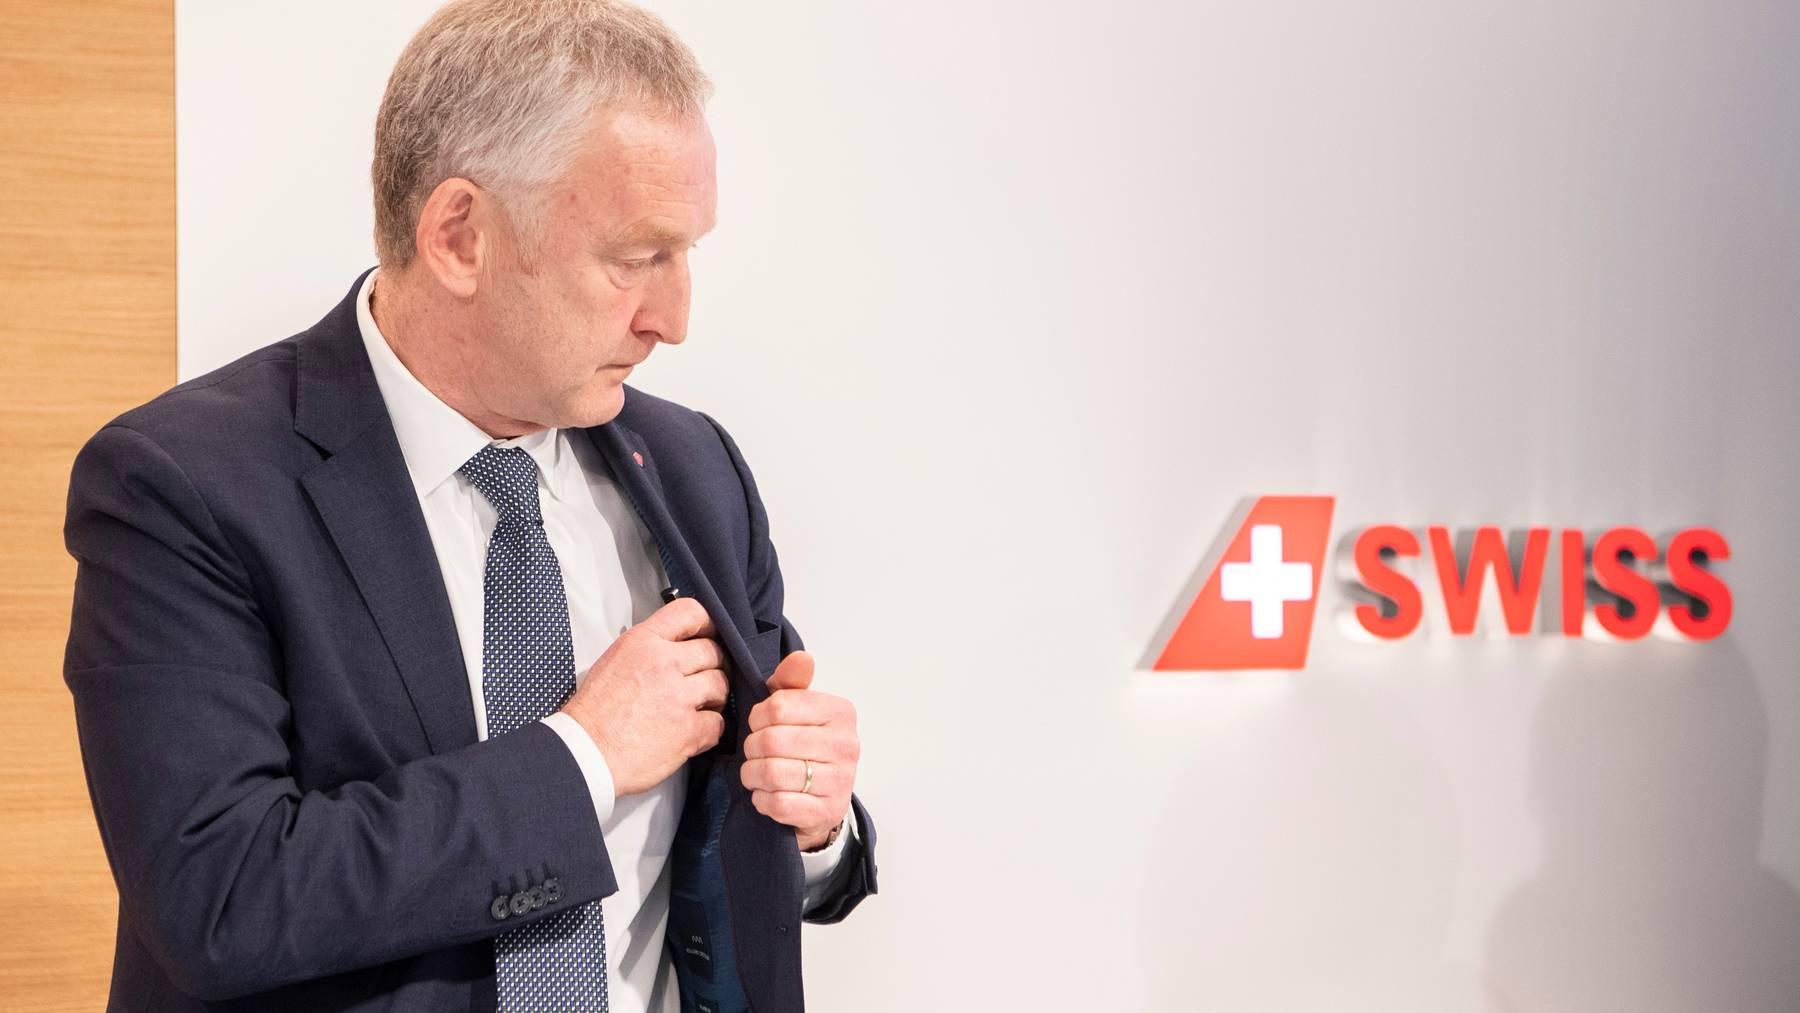 Sieht im Quarantäneregime keinen Vorteil: Der abtretende CEO der Swiss, Thomas Klühr. (Archivbild)